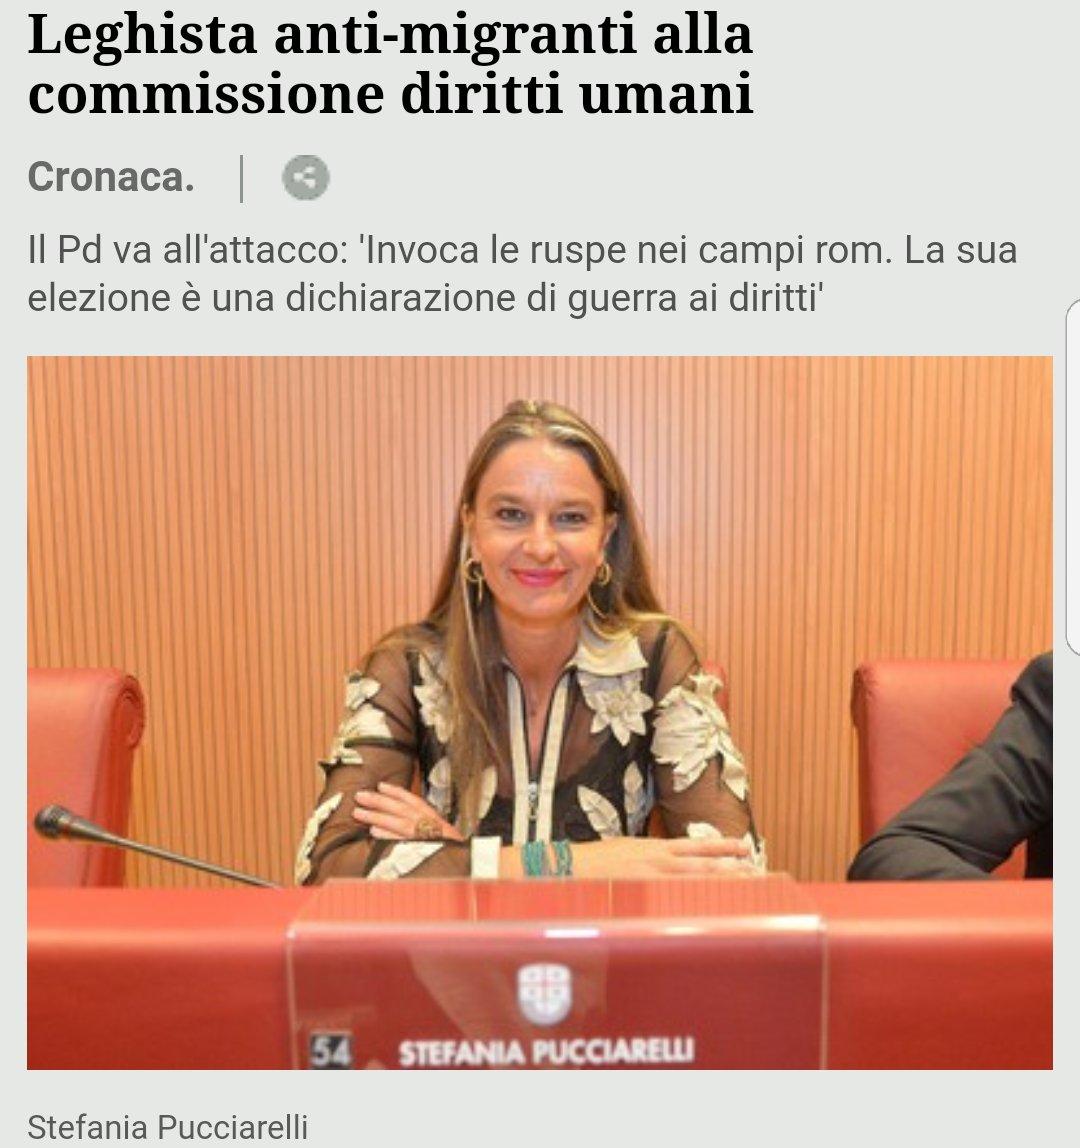 #StefaniaPucciarelli